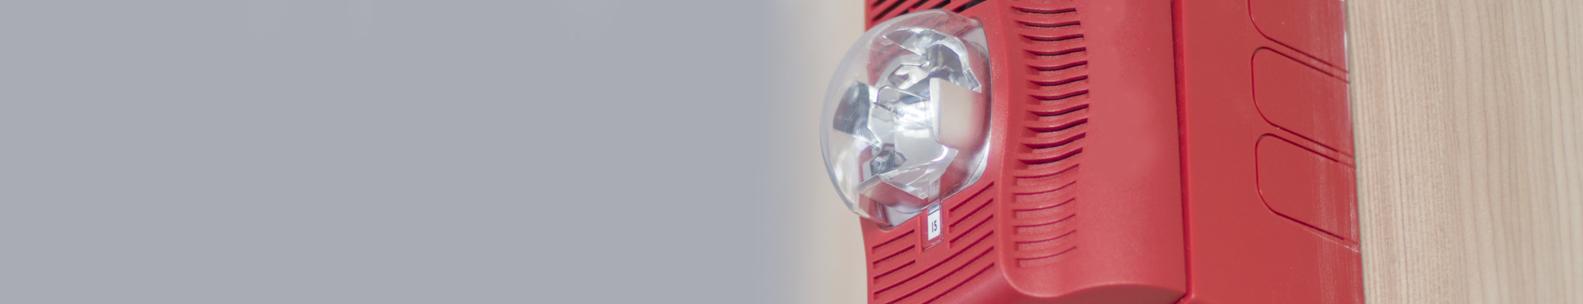 Optiniai-garsiniai  signalizatoriai